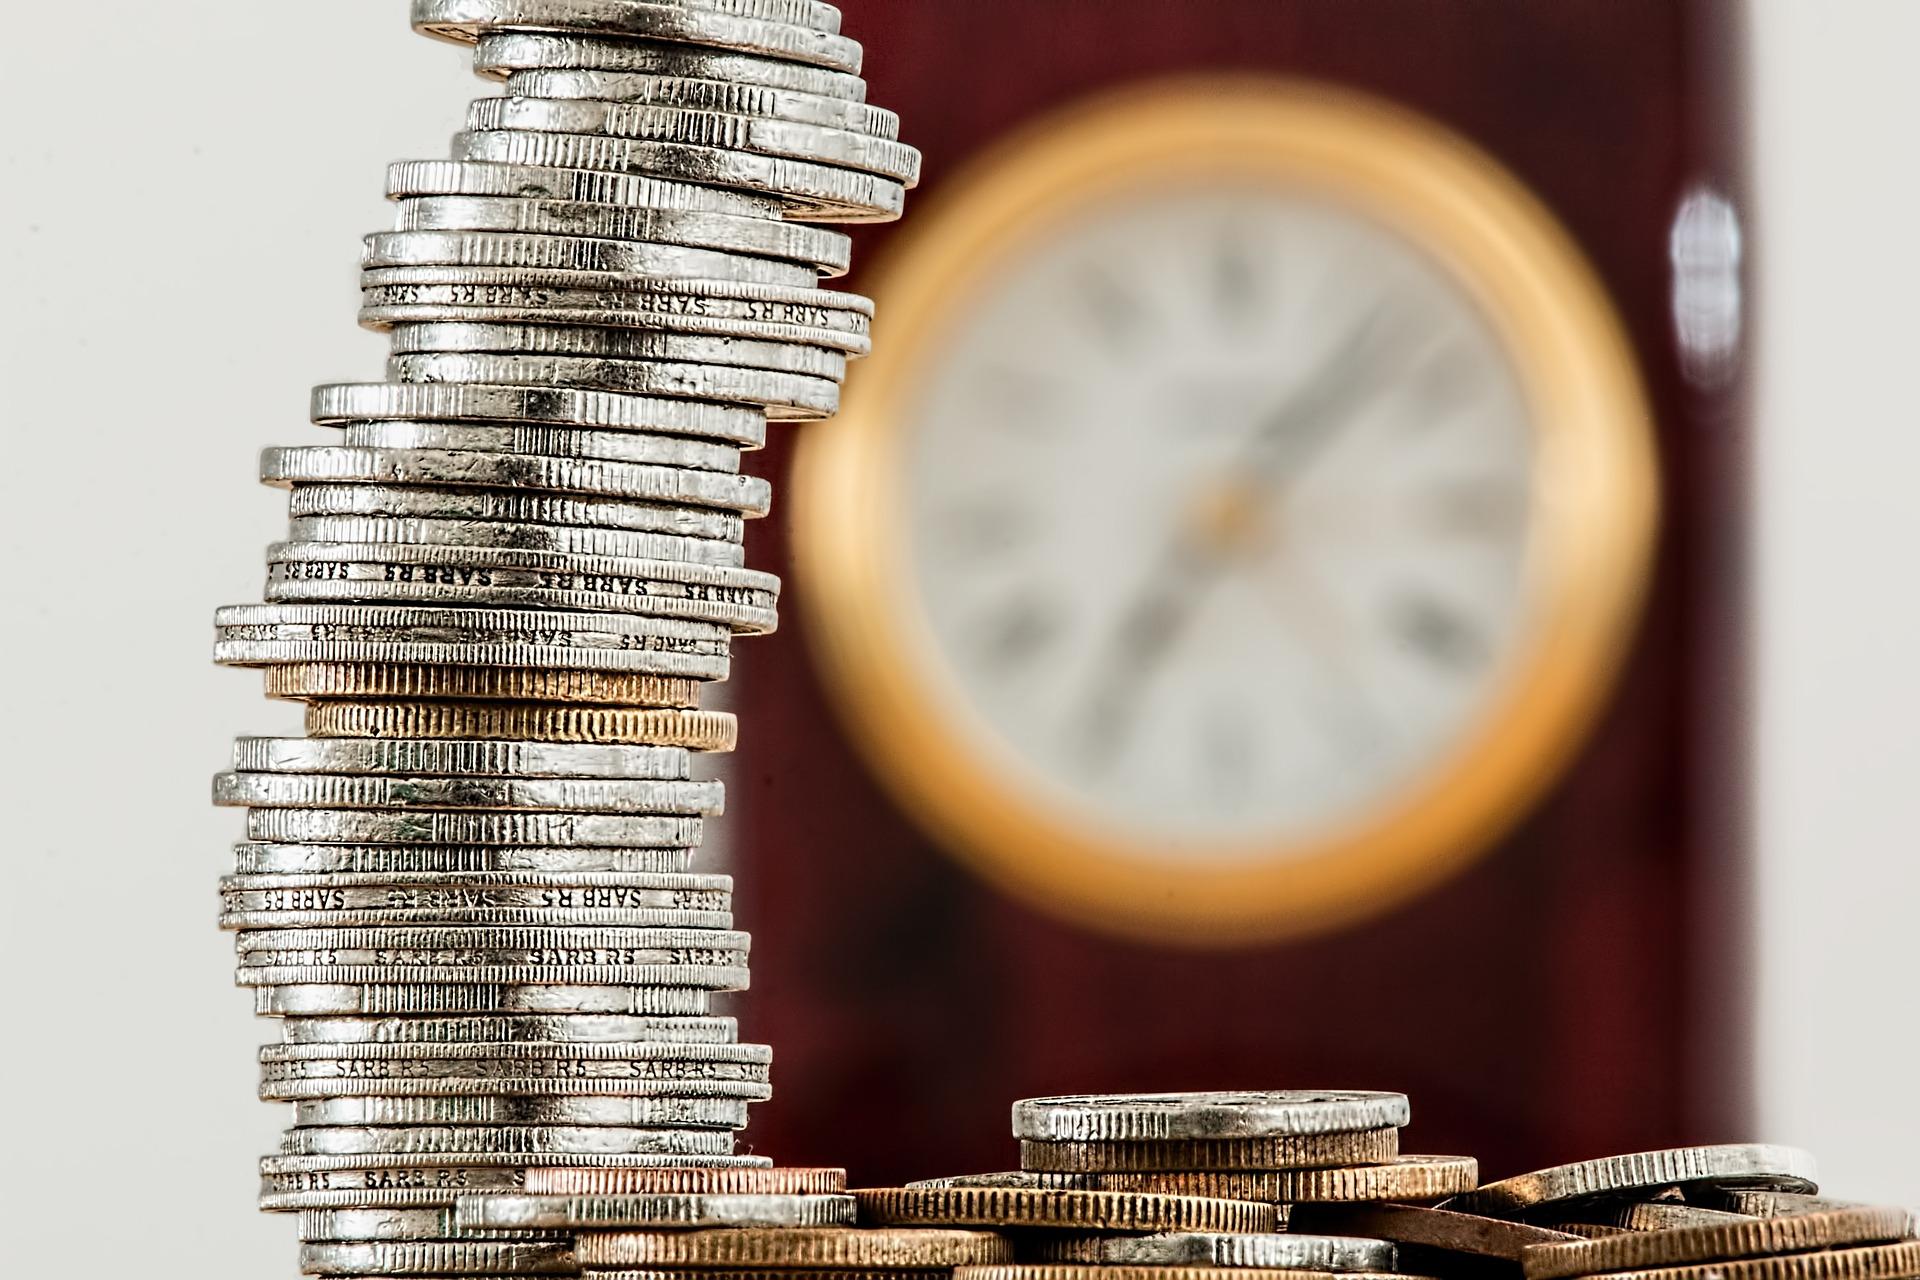 会社を辞めるには貯金がいくらあれば安心か。一億円貯まる日は来るのか